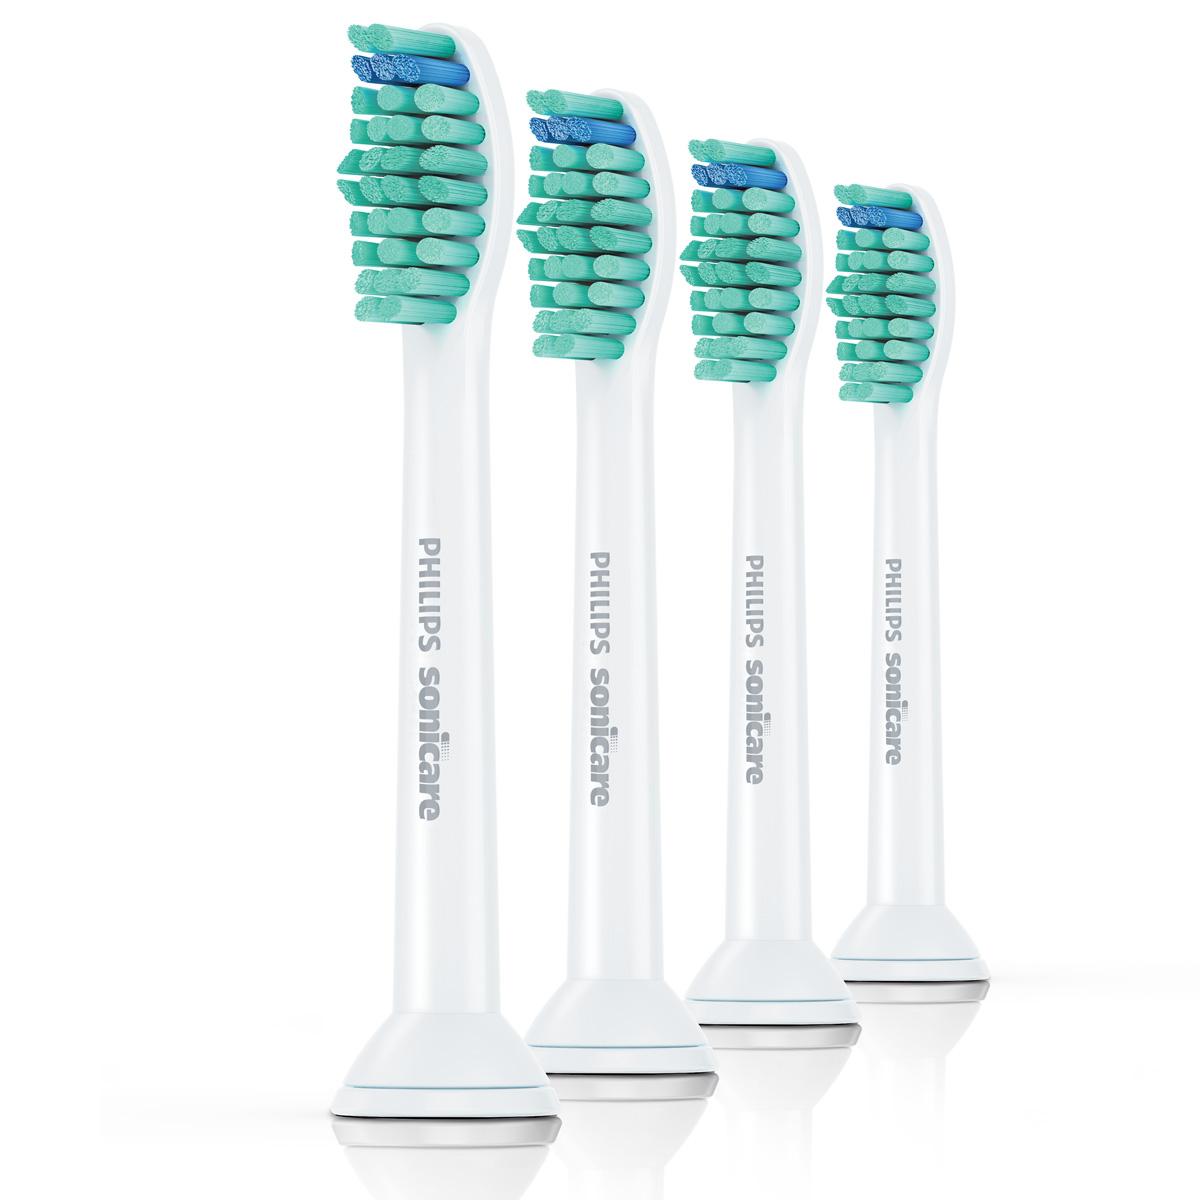 Насадка для электрической зубной щетки Philips Sonicare ProResults HX6014/07, 4 шт